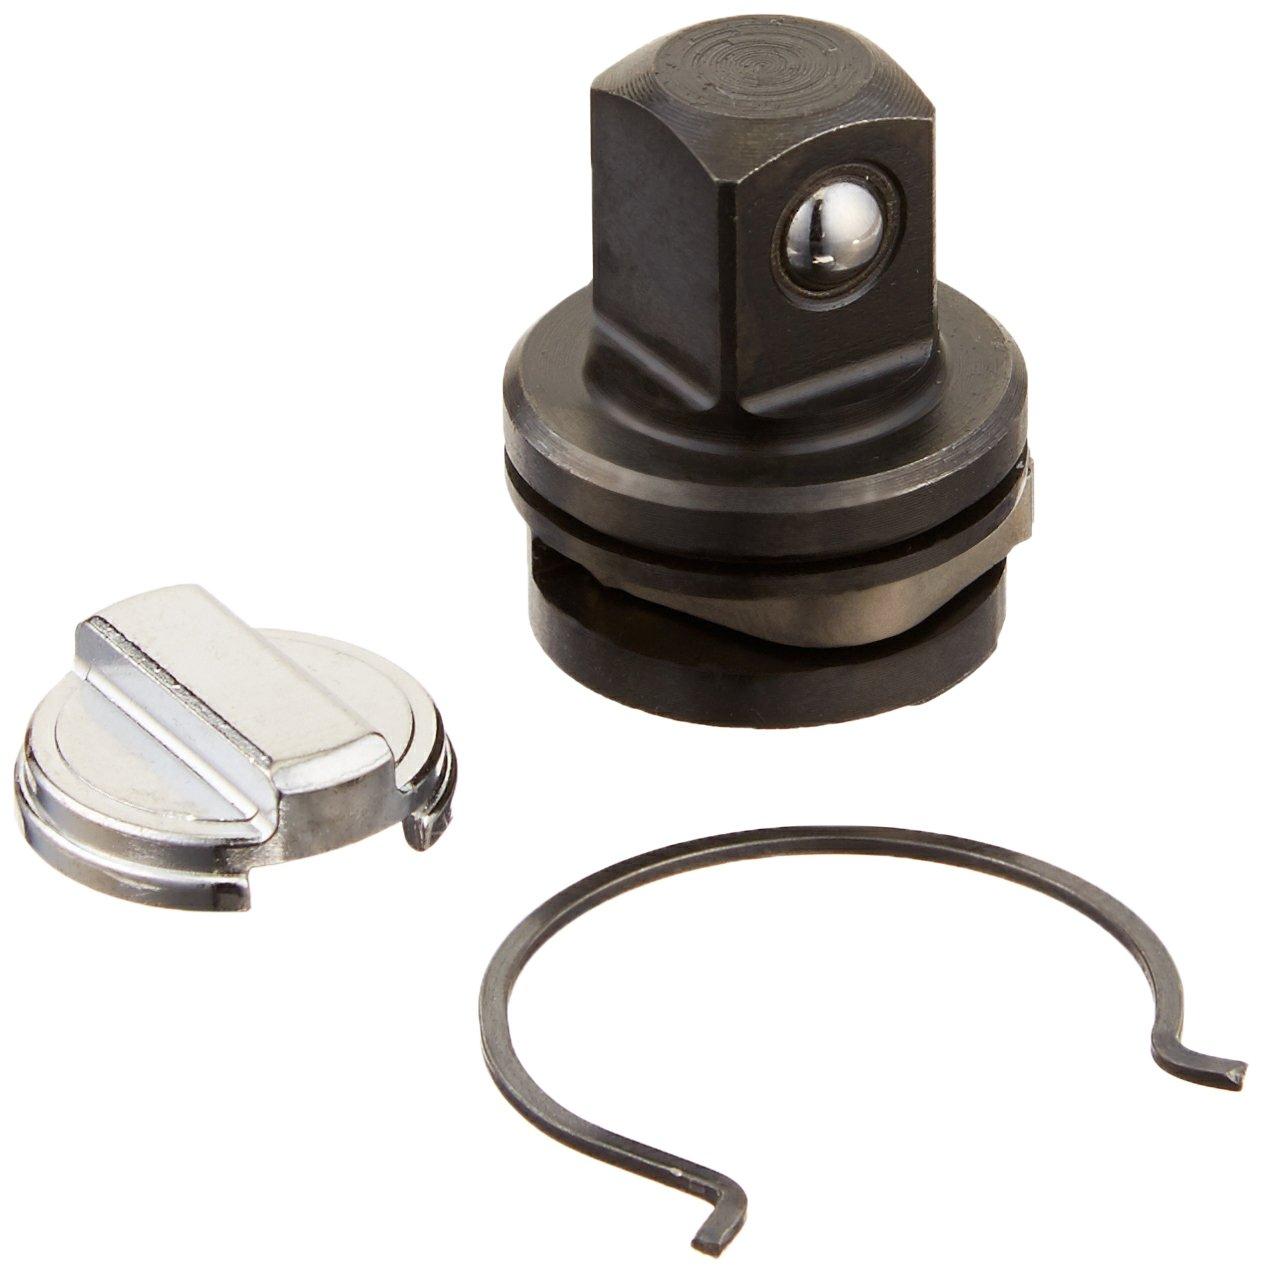 SK Hand Tool 45173-2 Drive Ratchet Repair Kit, 3/8-Inch